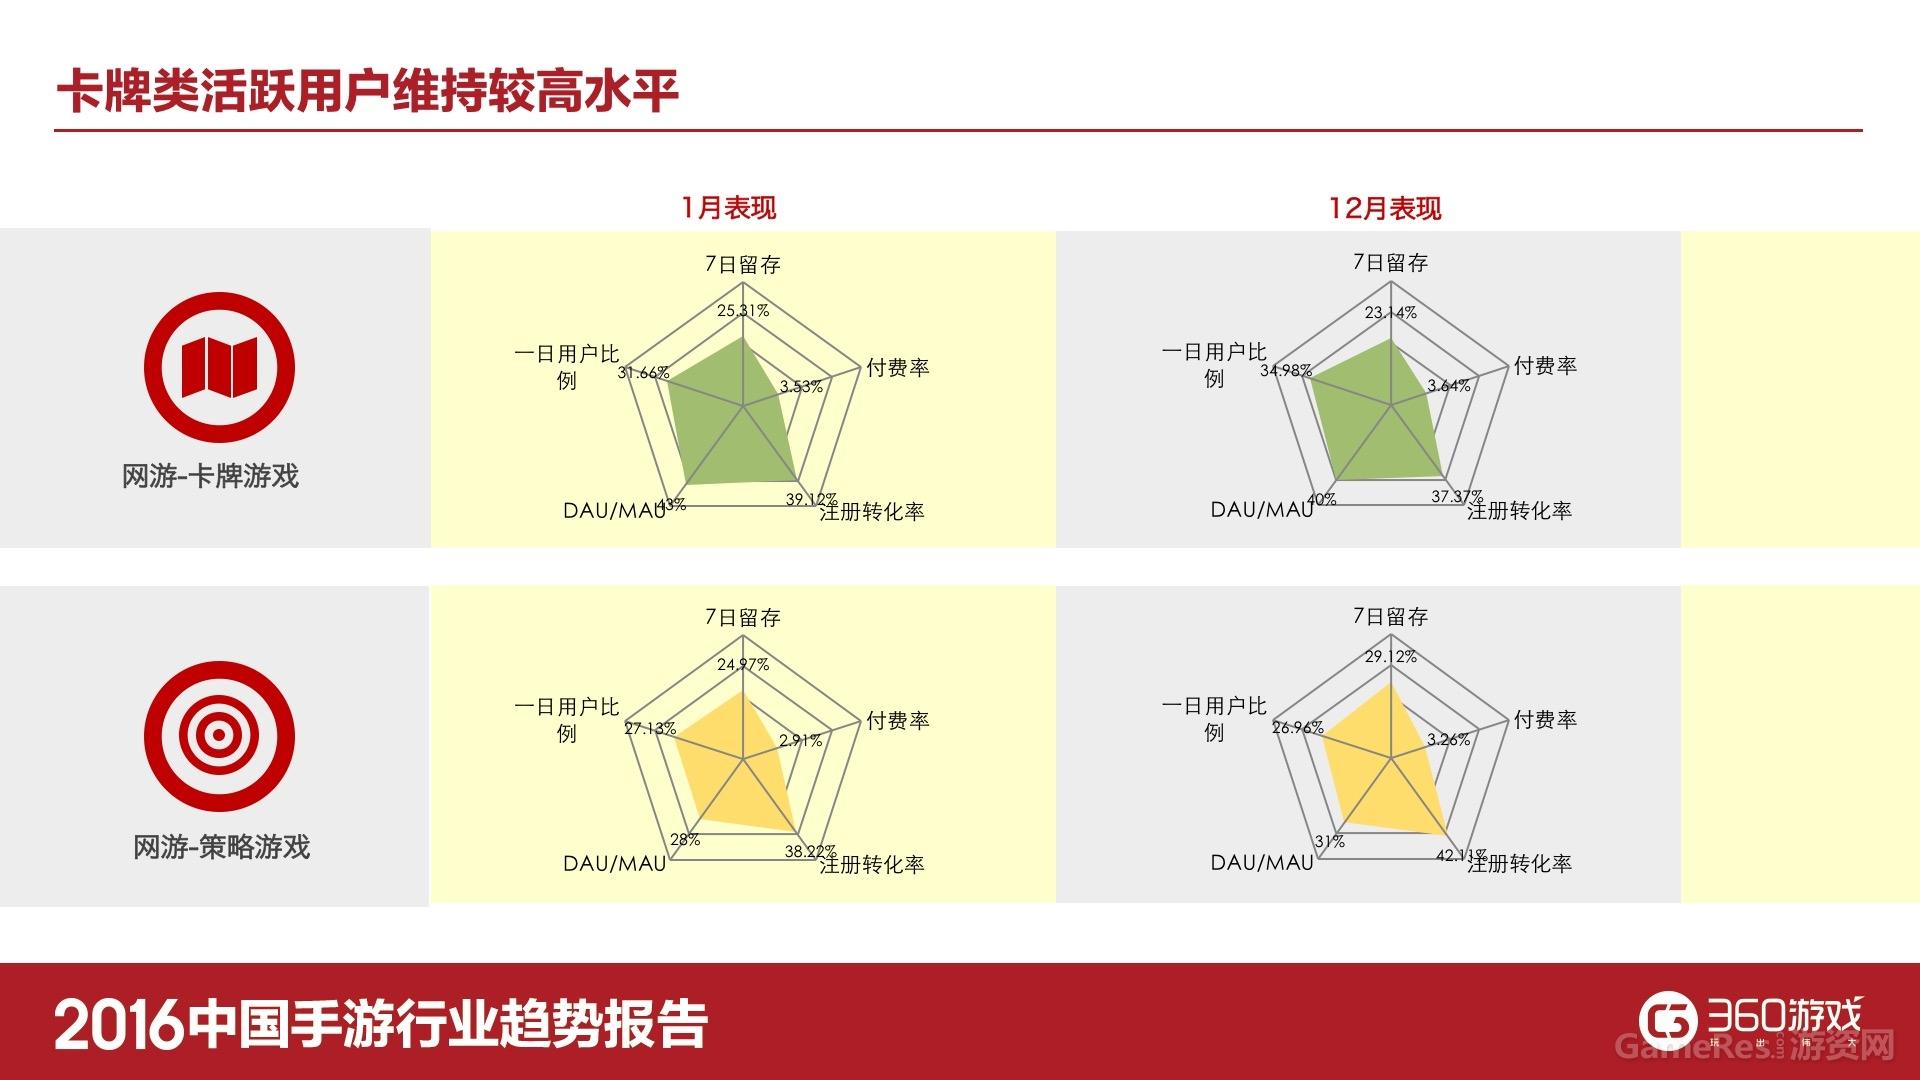 图17.jpg